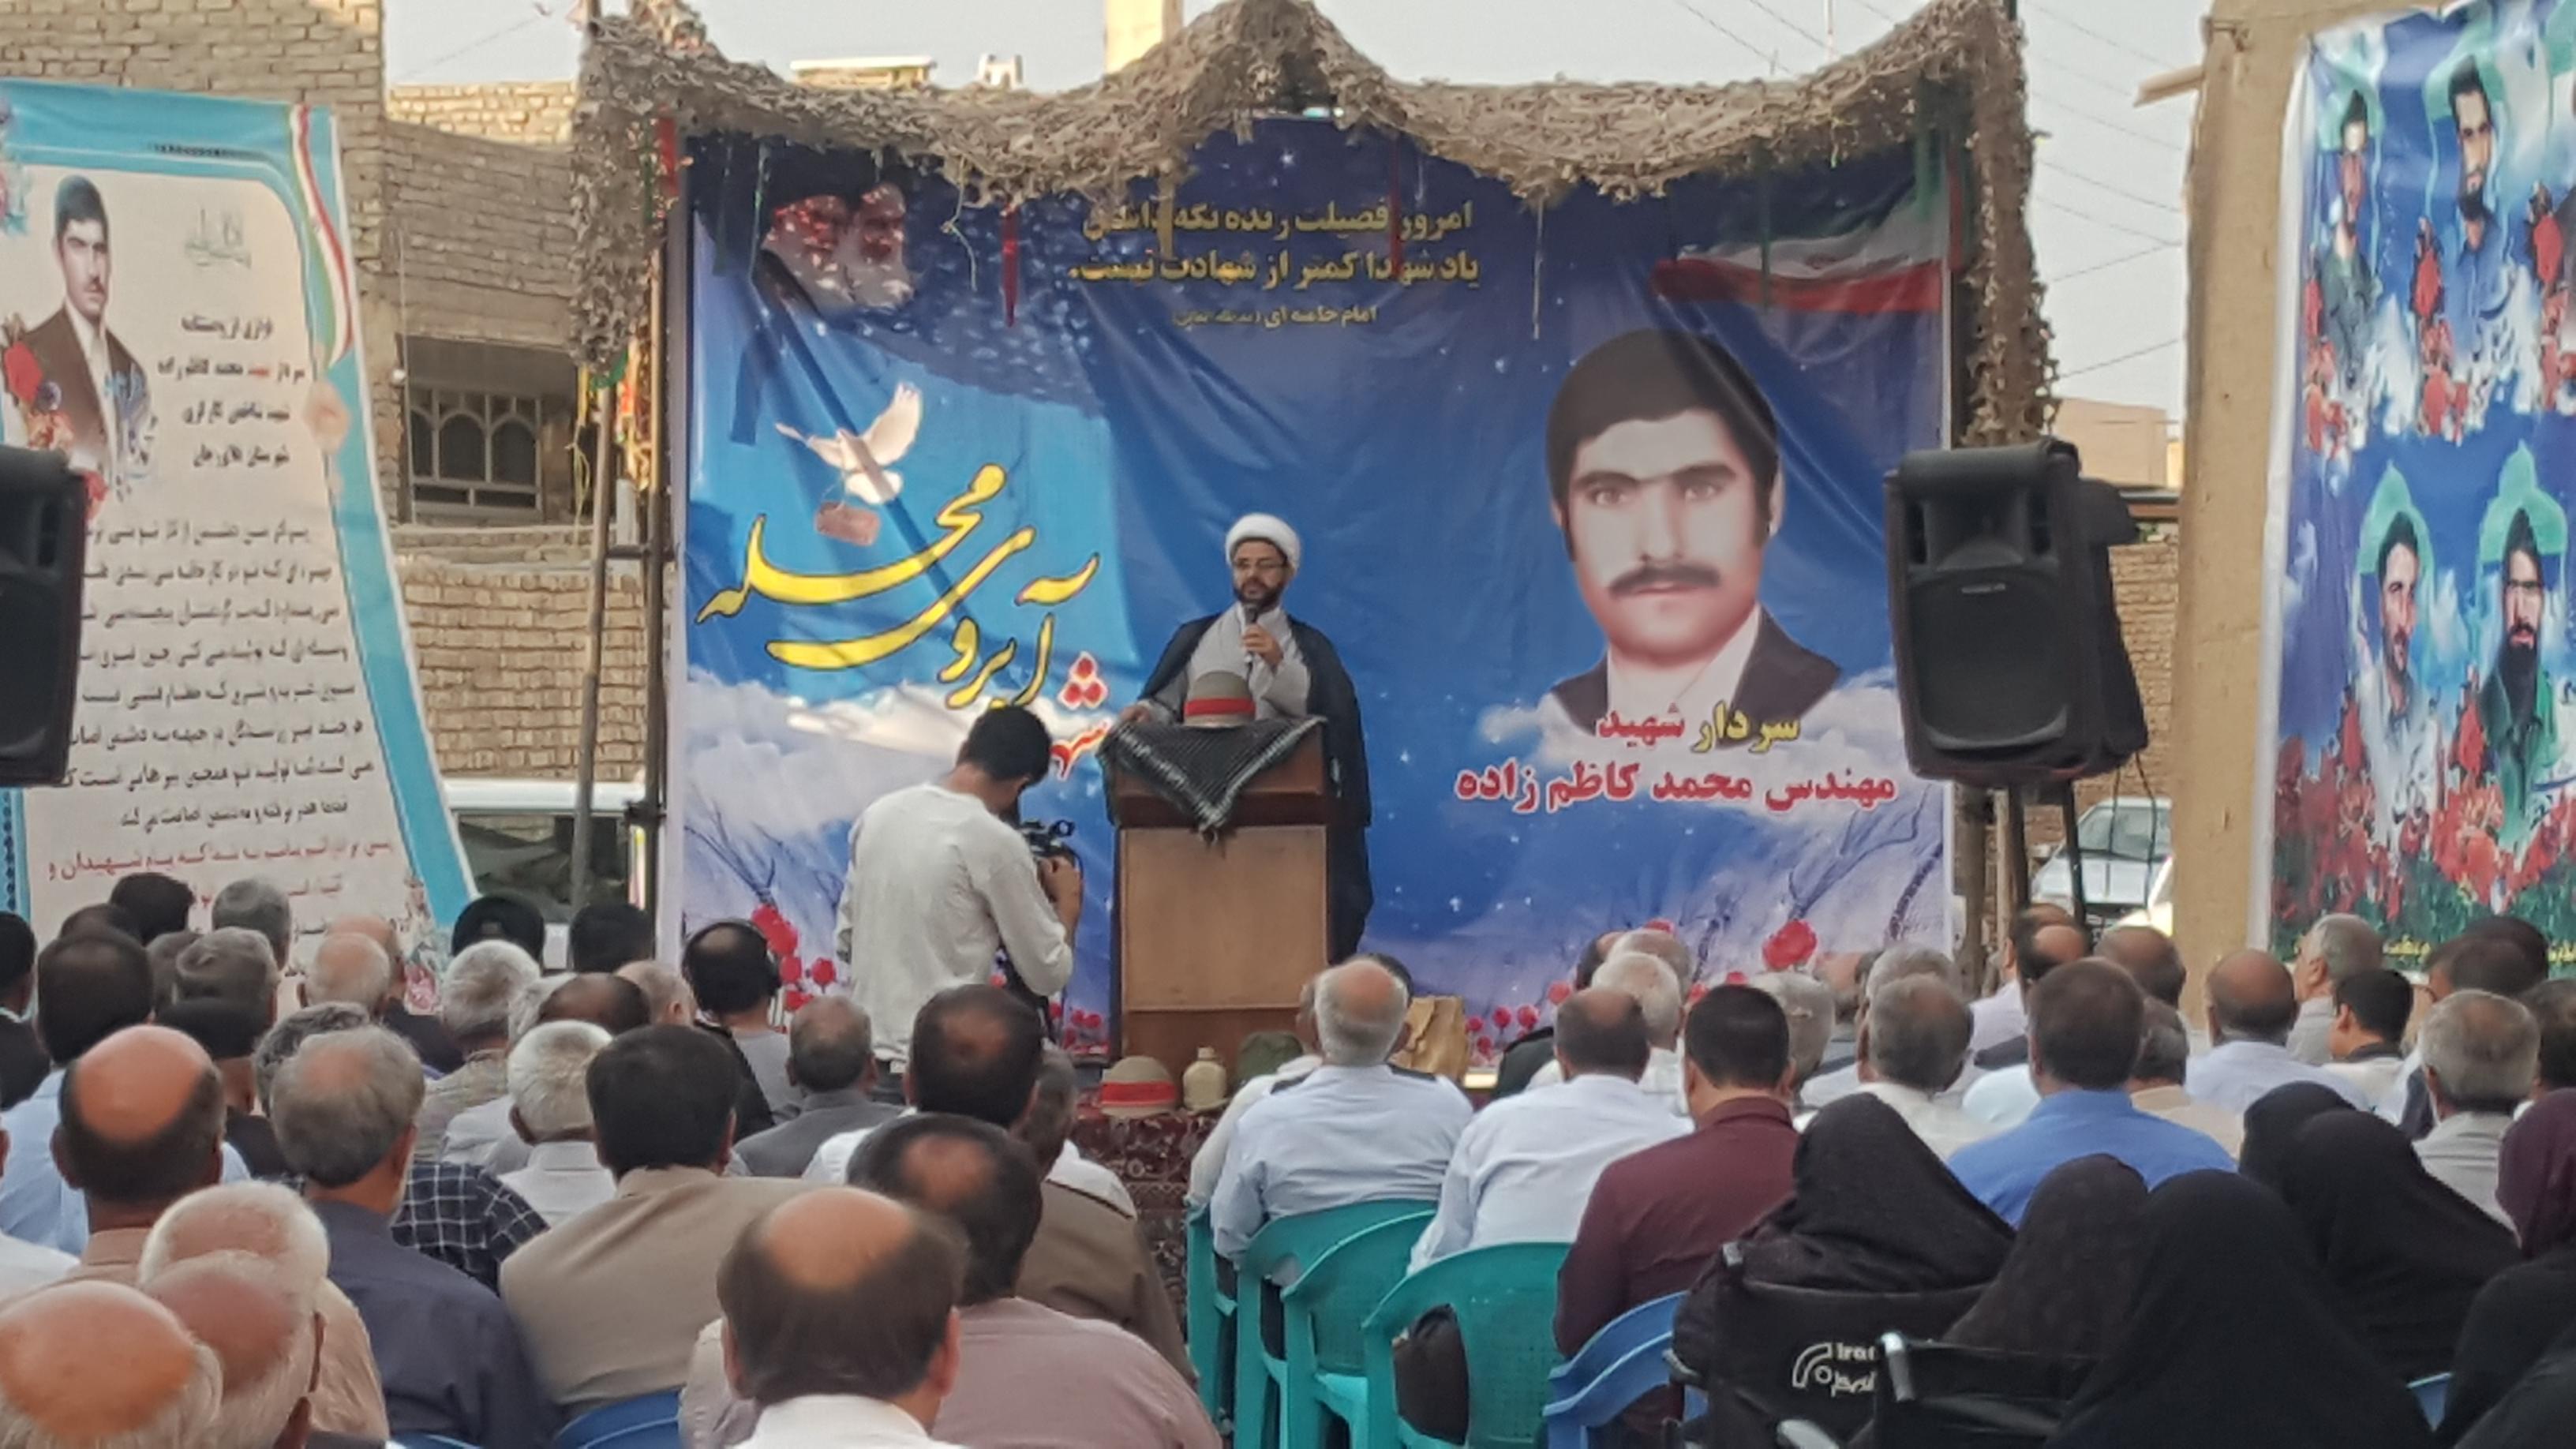 حضور محترم امام جمعه شهر قهدریجان در مراسم آبروی محله، بزرگداشت سردار شهید مهندس محمد علی کاظم زاد�